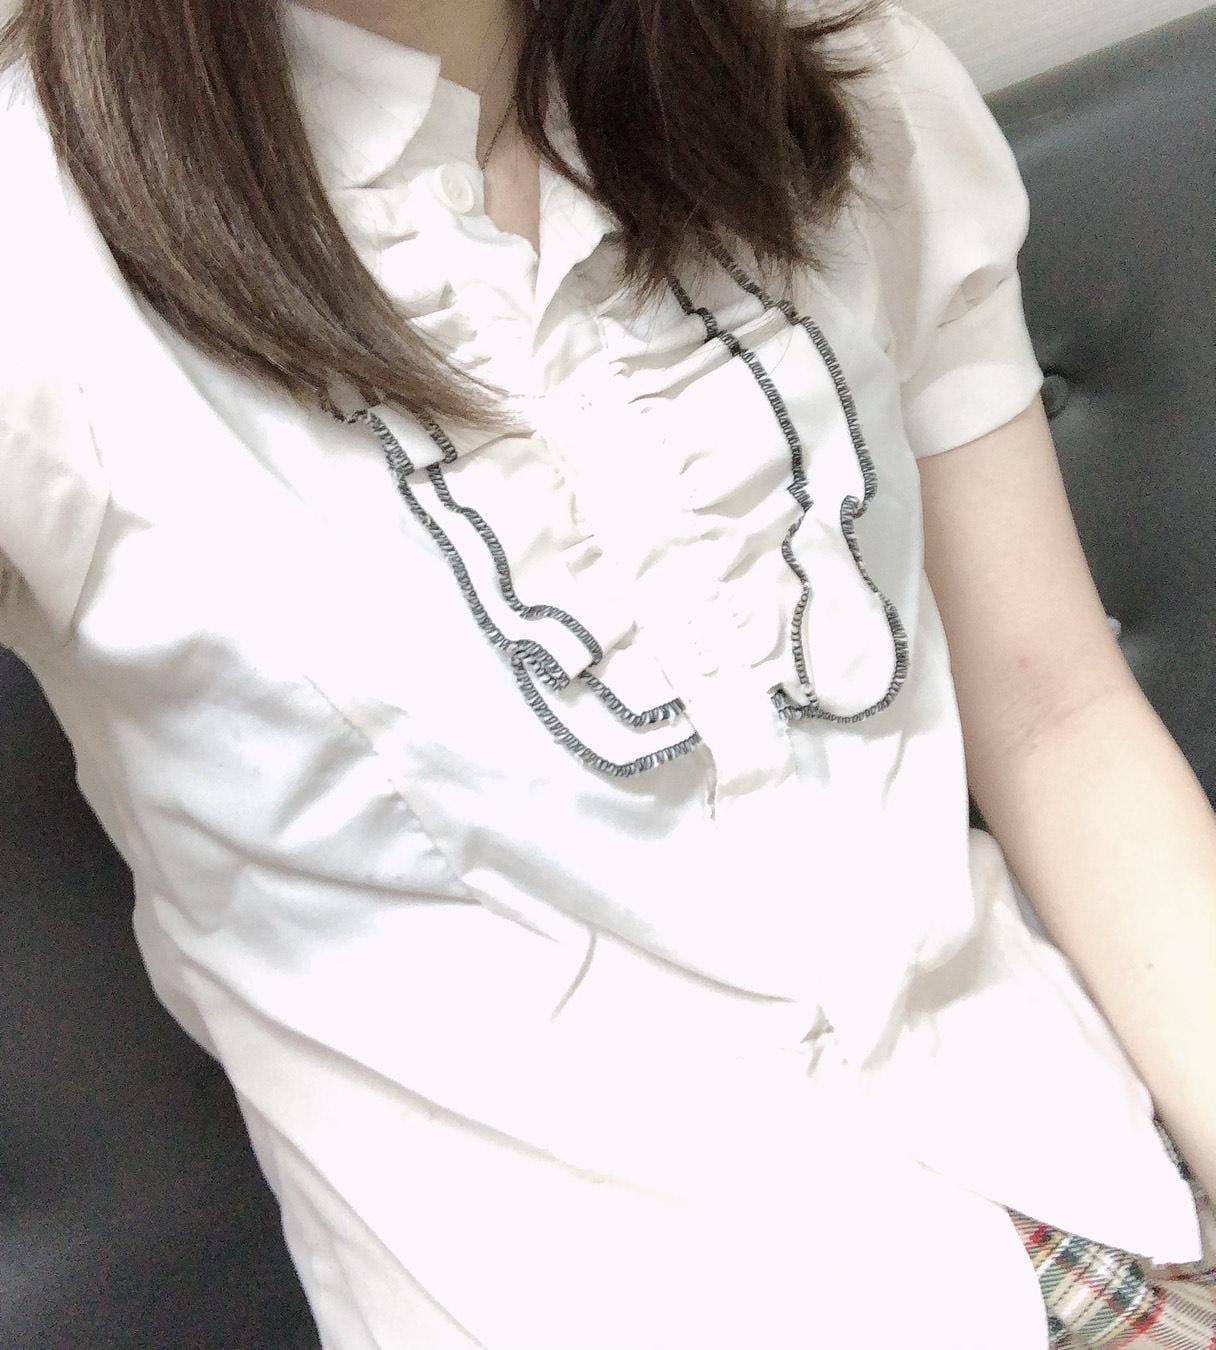 「出勤しました」08/24(火) 19:09   みづき☆新人の写メ日記